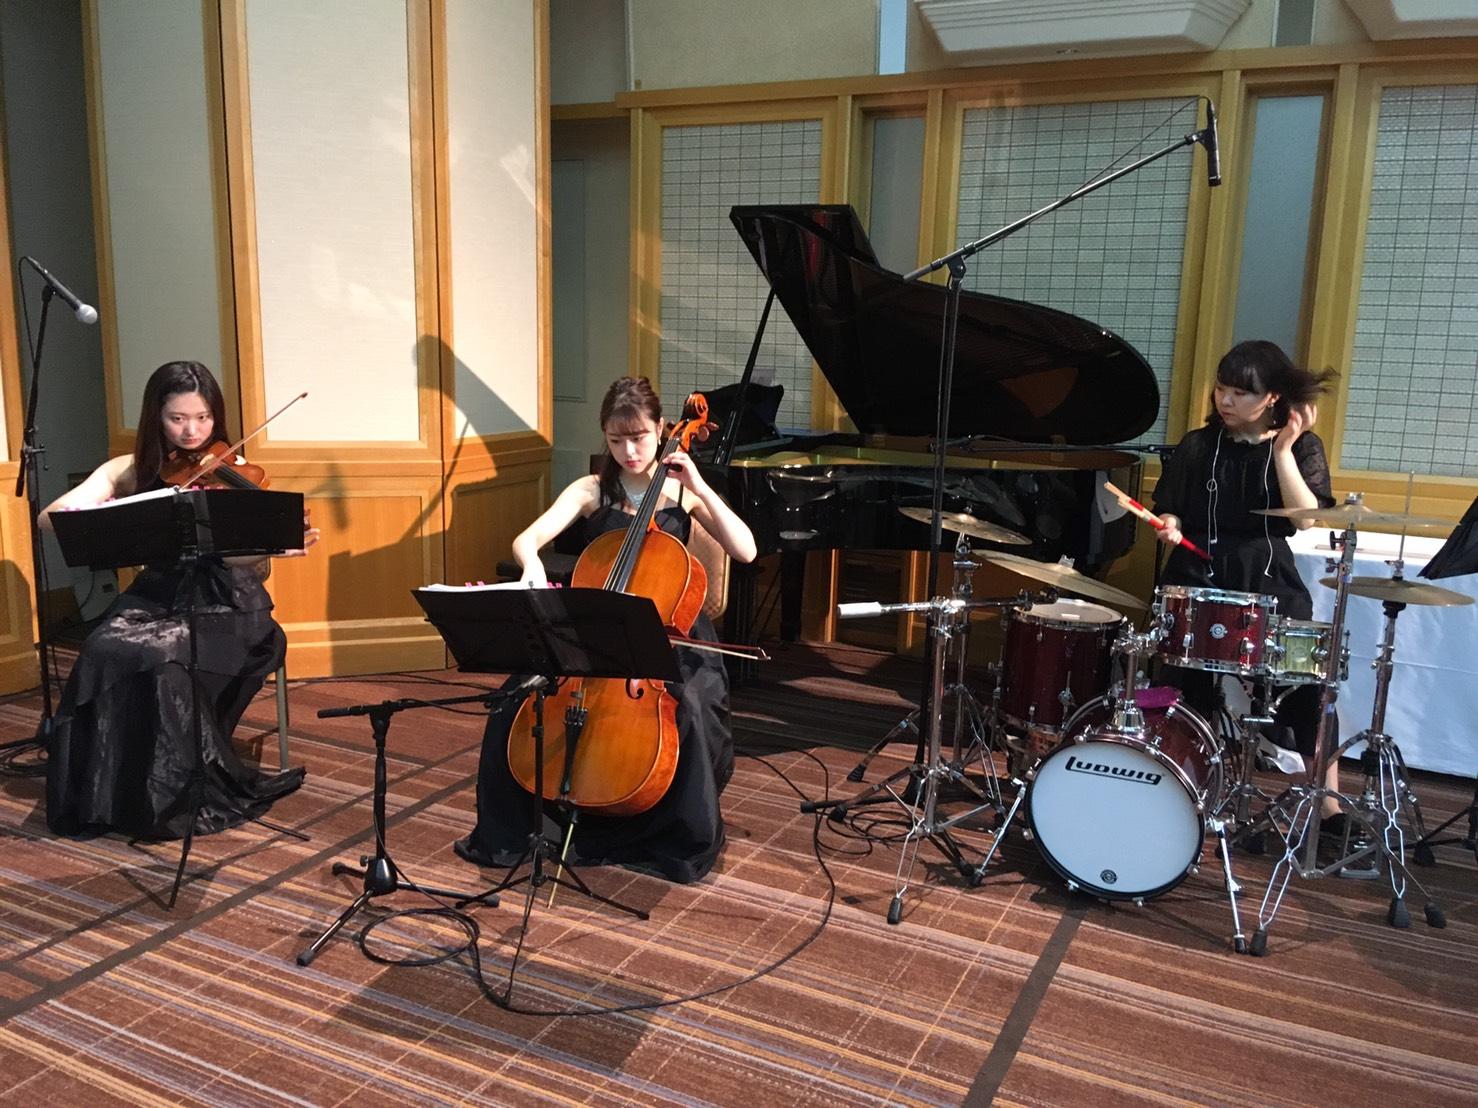 ヴァイオリン、チェロ、ドラムでご披露宴演奏でした